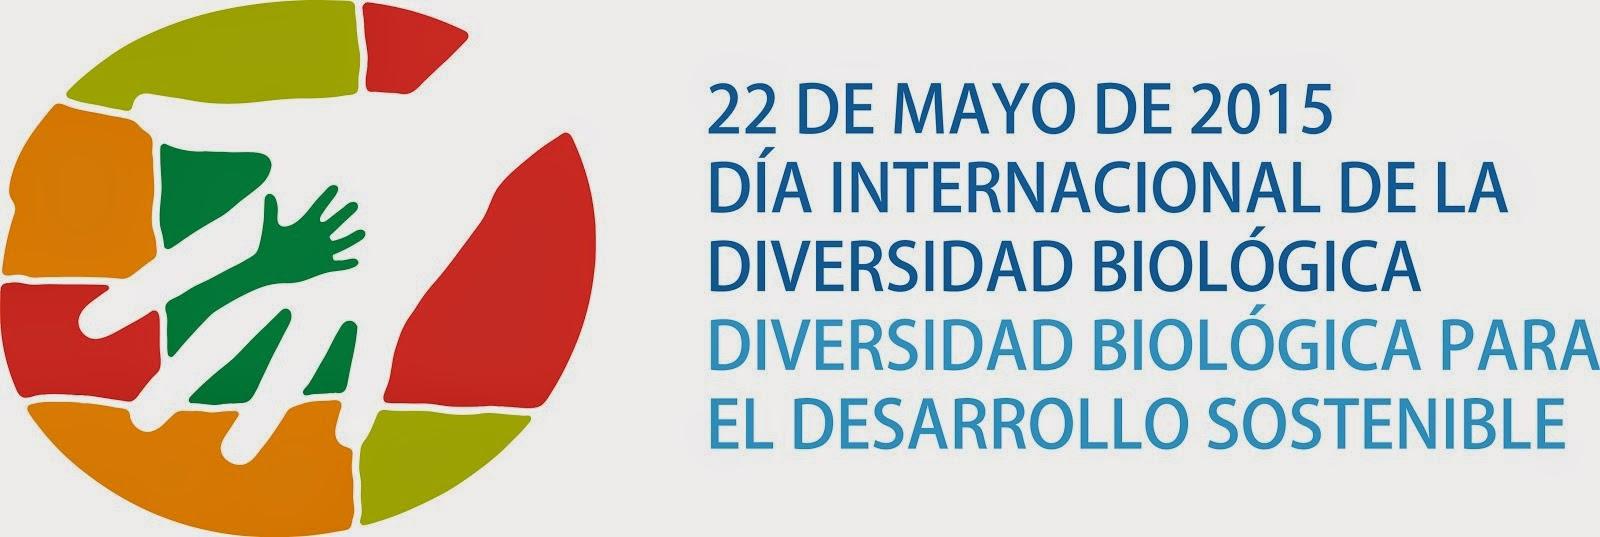 22 de mayo - Día Internacional de la Diversidad Biológica